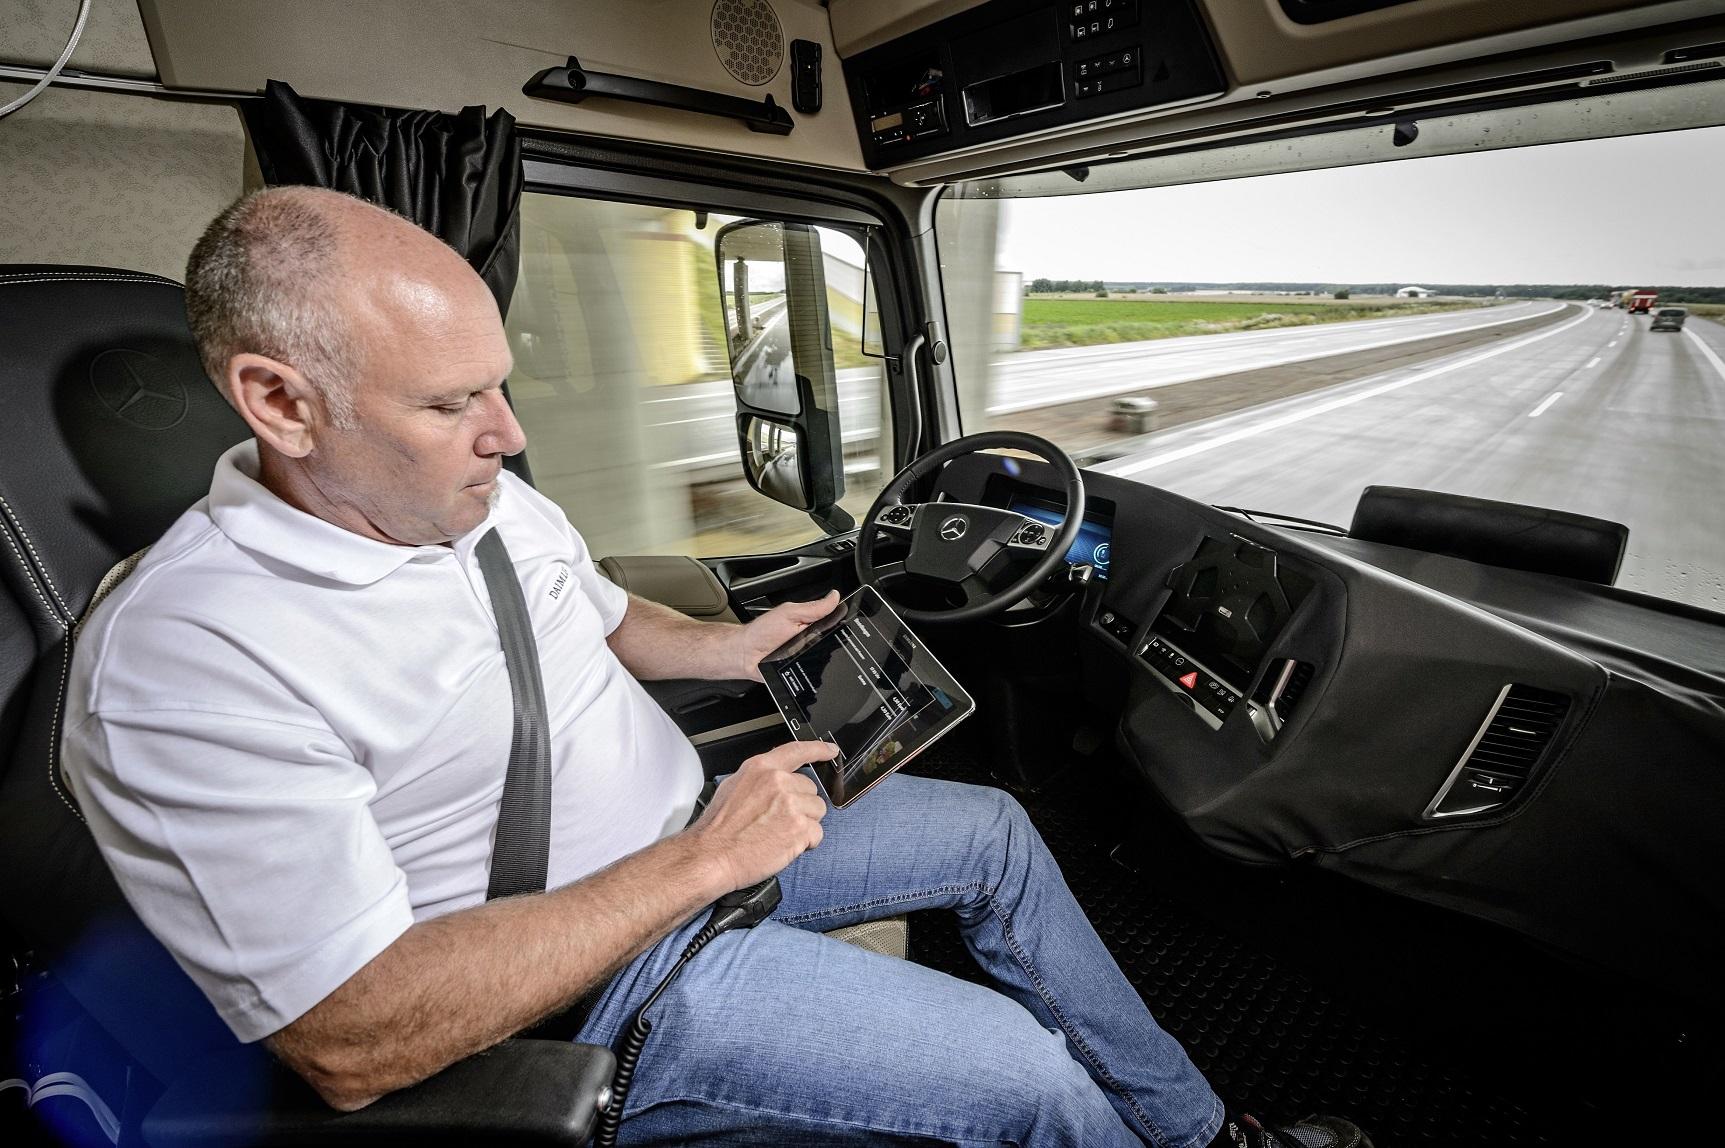 Empresas tradicionais do ramo como Mercedes, Volvo e DAF estão desenvolvendo sistemas autônomos para seus produtos. Foto Divulgação/Mercedes Benz